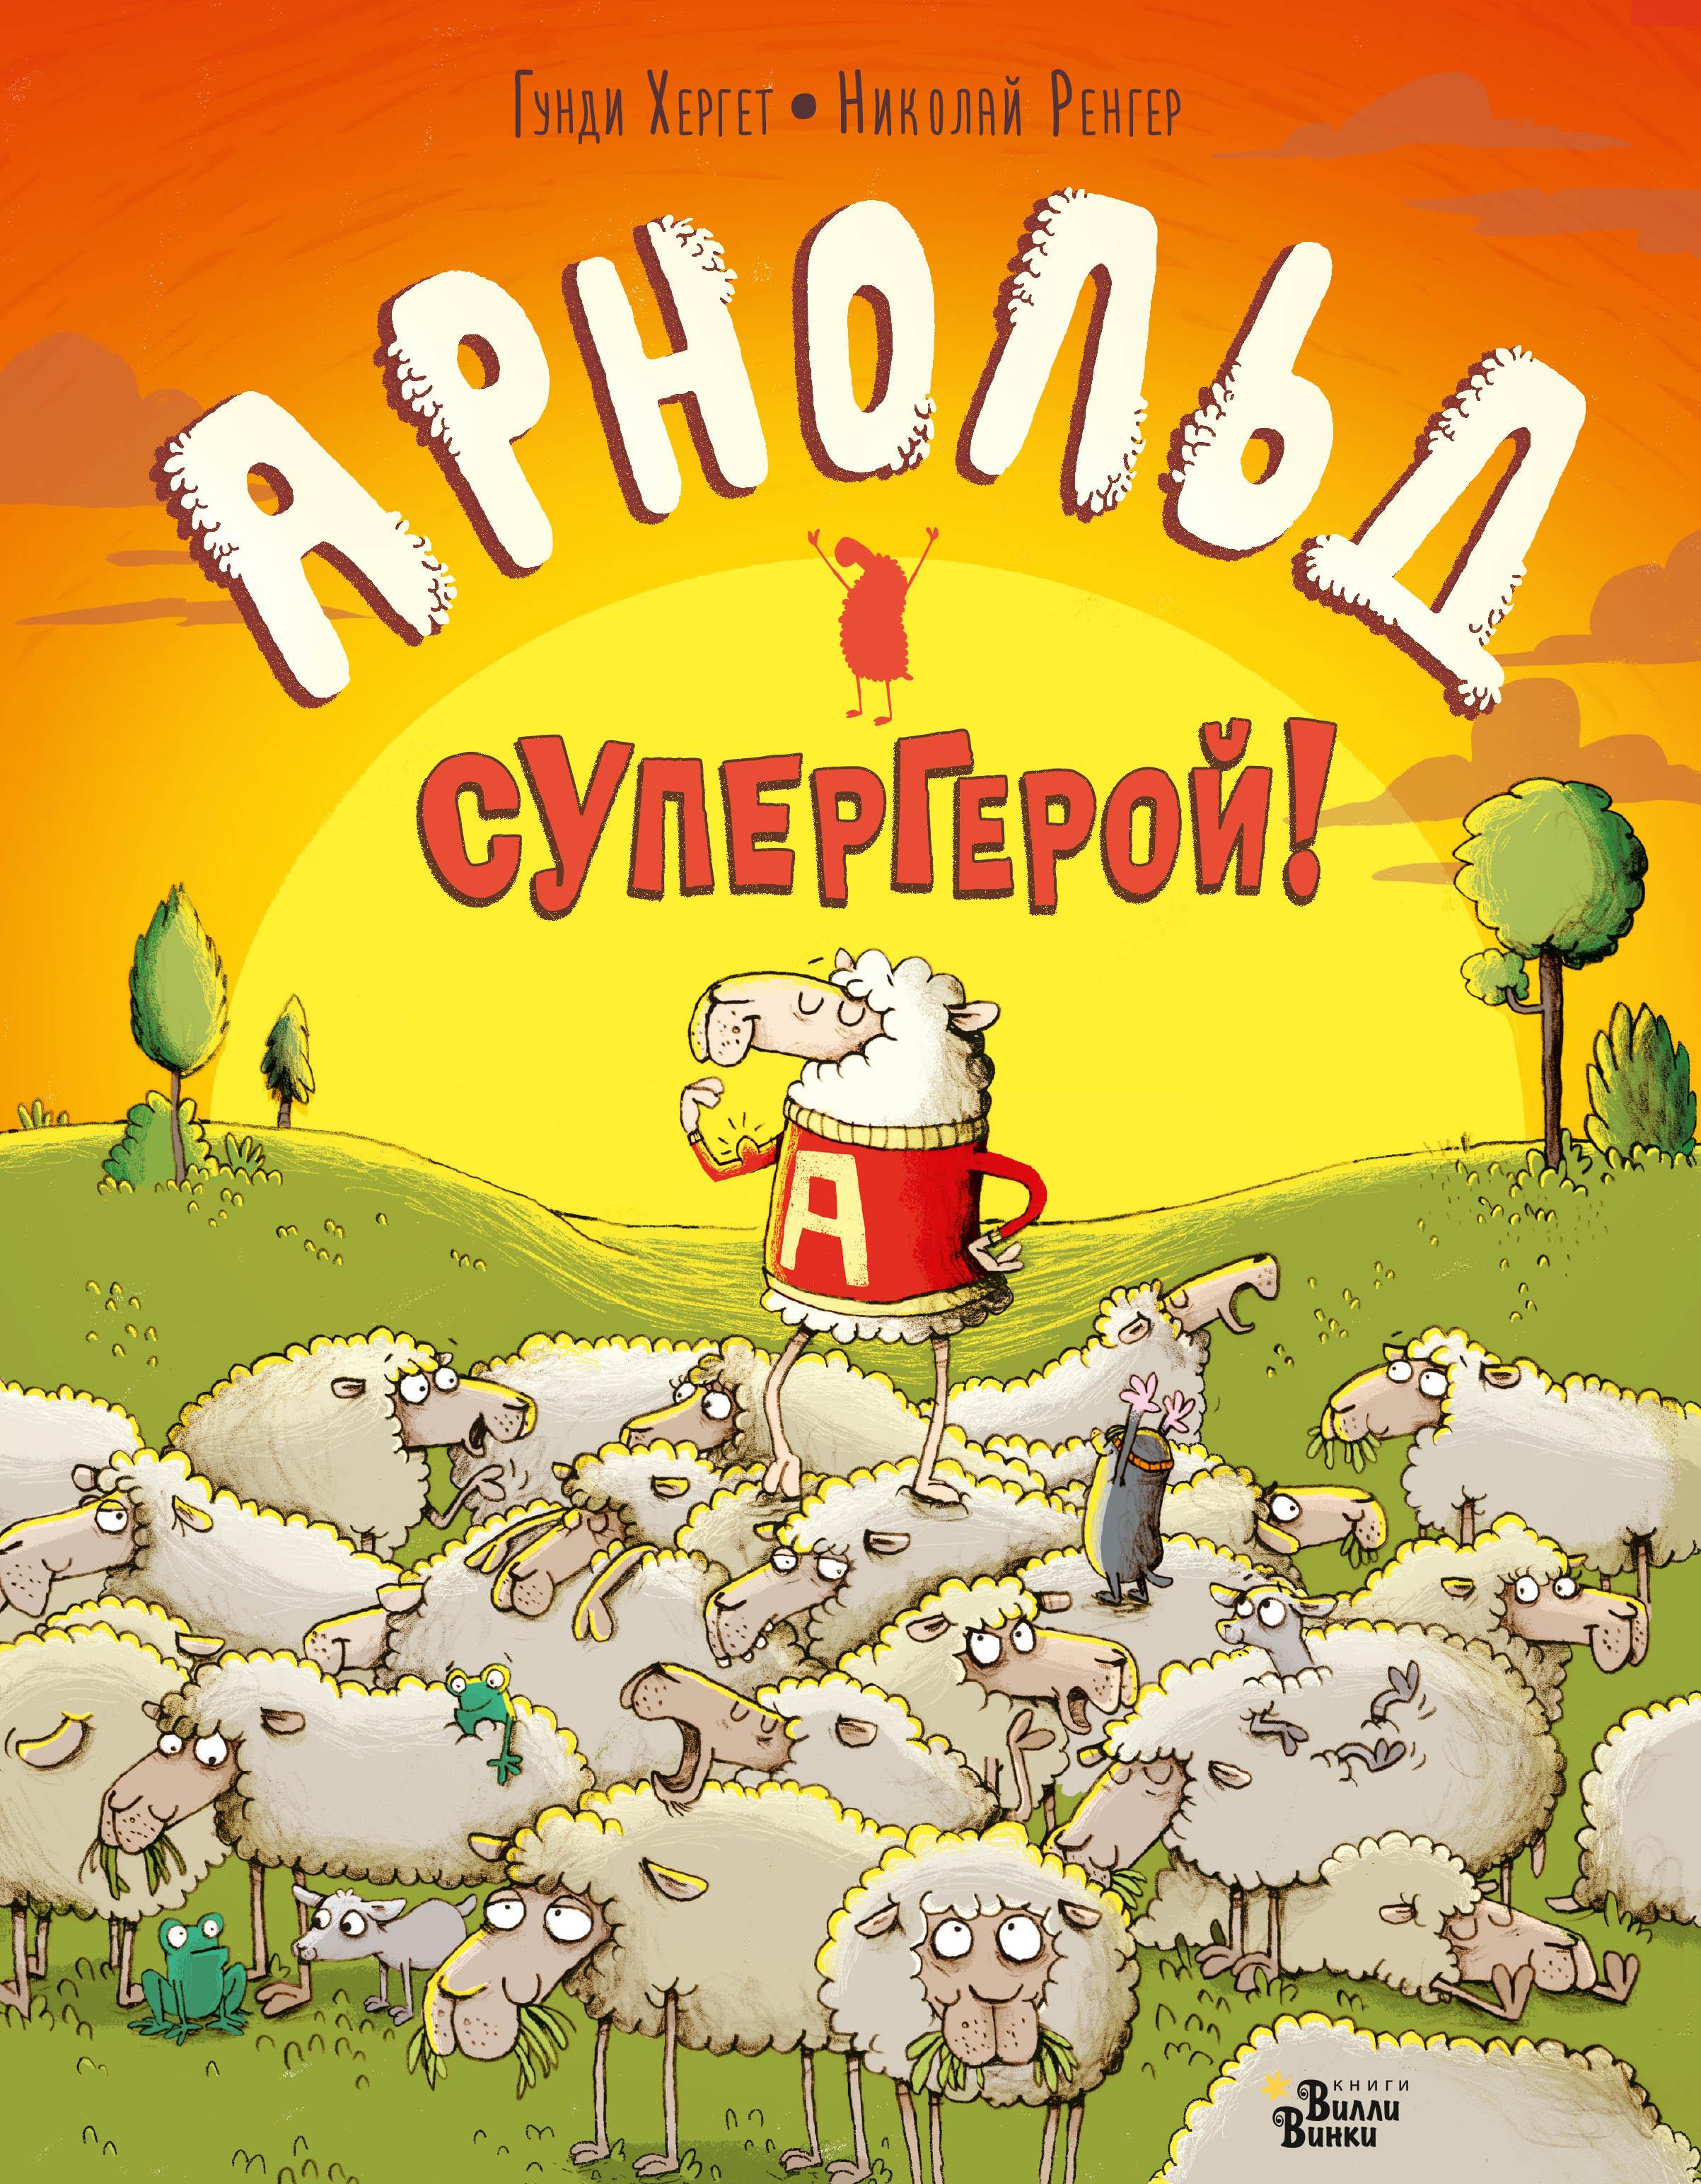 Арнольд – супергерой!